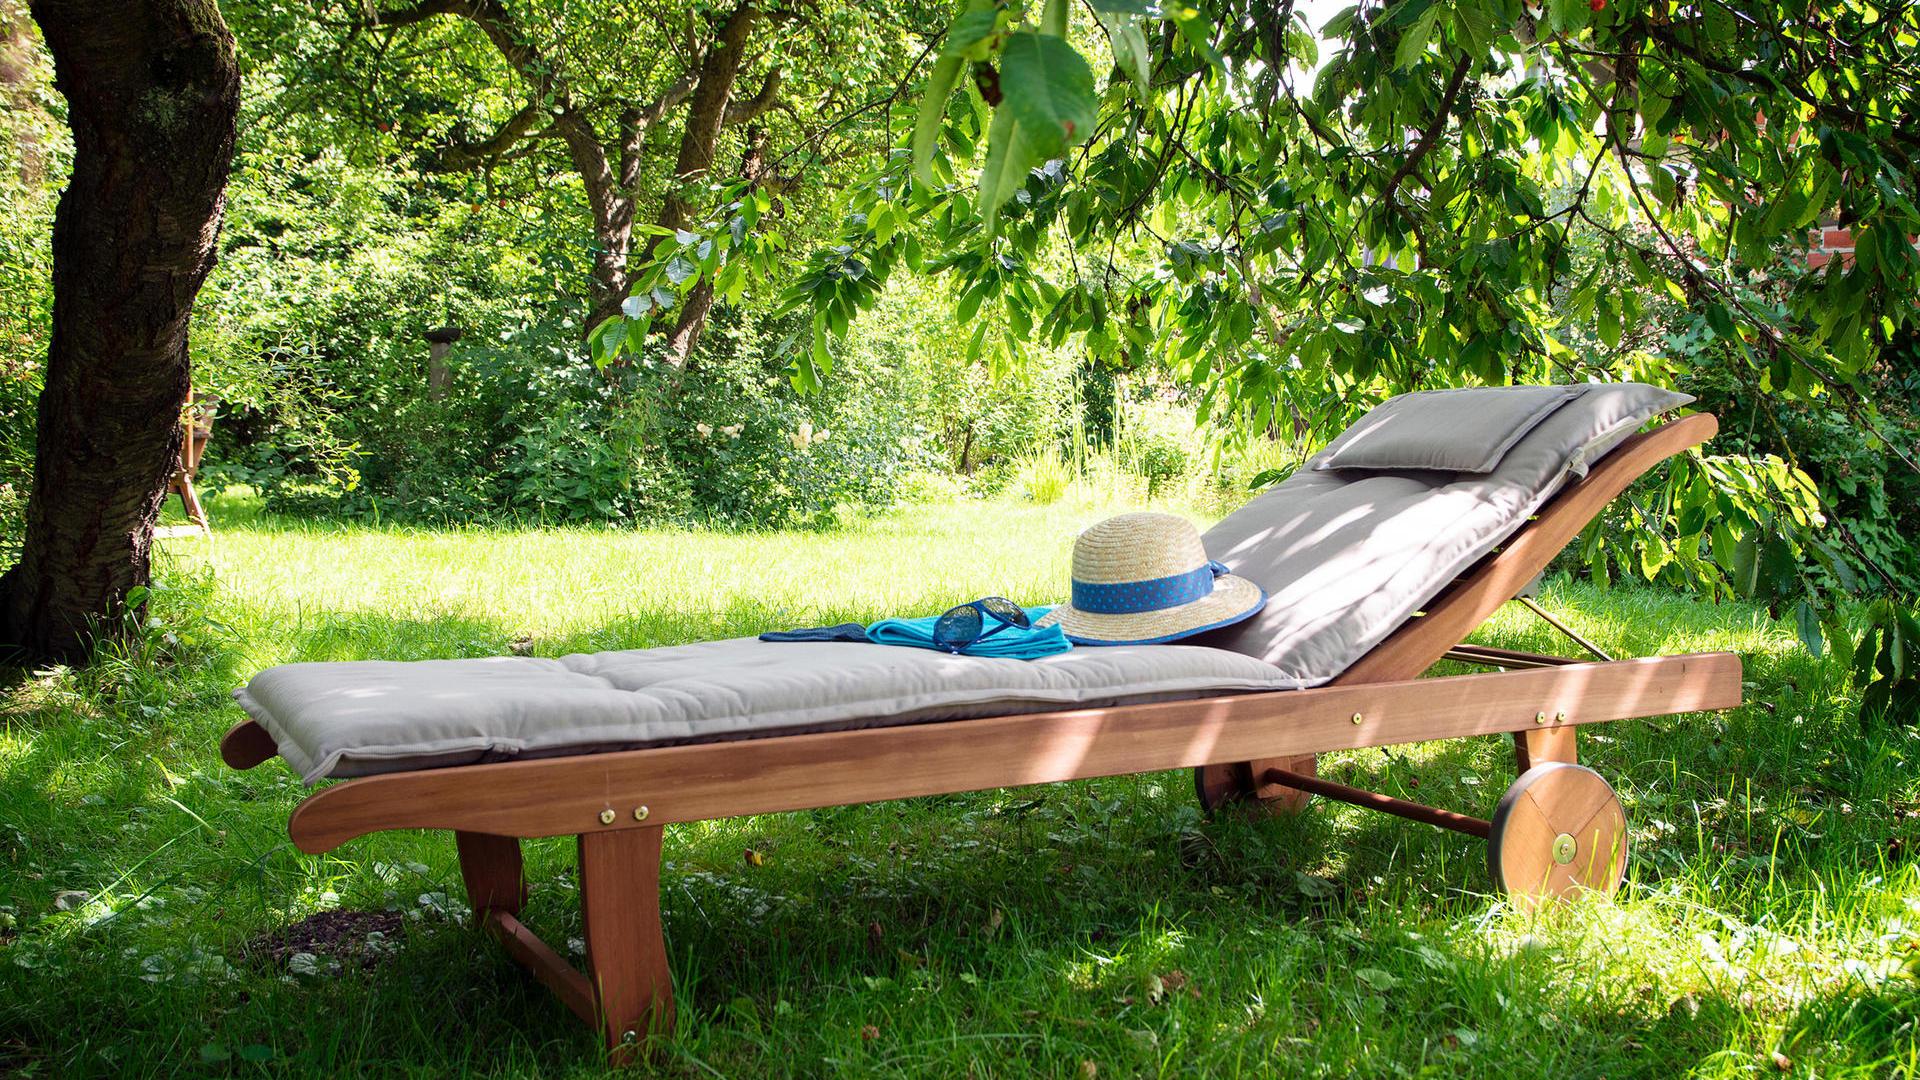 Full Size of Sonnenliege Klappbar Lidl Gartenliege Kaufen Besten Gartenliegen Fr Diese Saison Ausklappbares Bett Ausklappbar Wohnzimmer Sonnenliege Klappbar Lidl